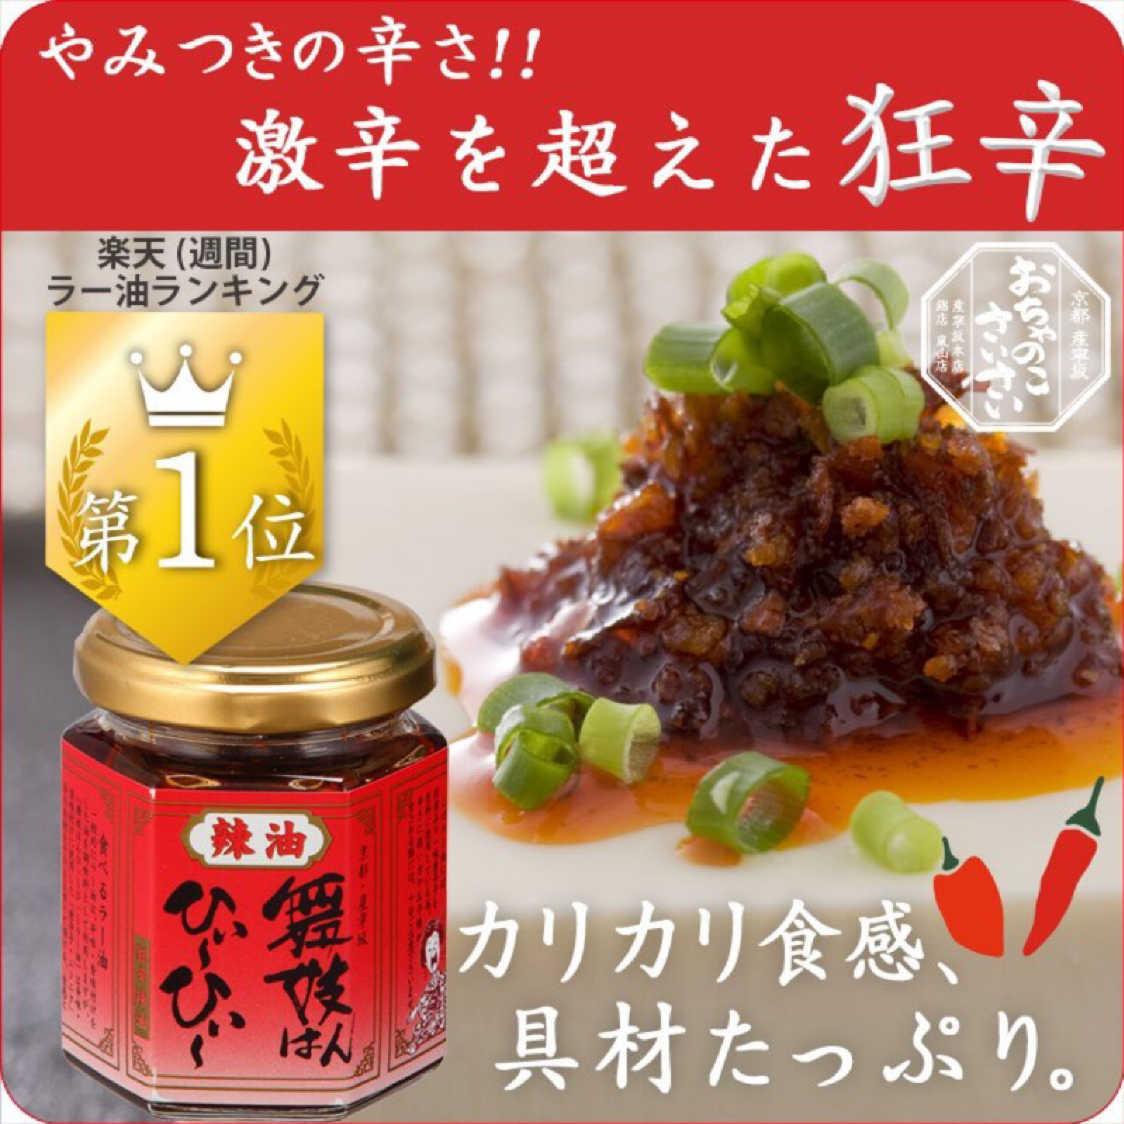 《現貨》 京都 舞妓辣油 即期 效期至4/9 (含運)